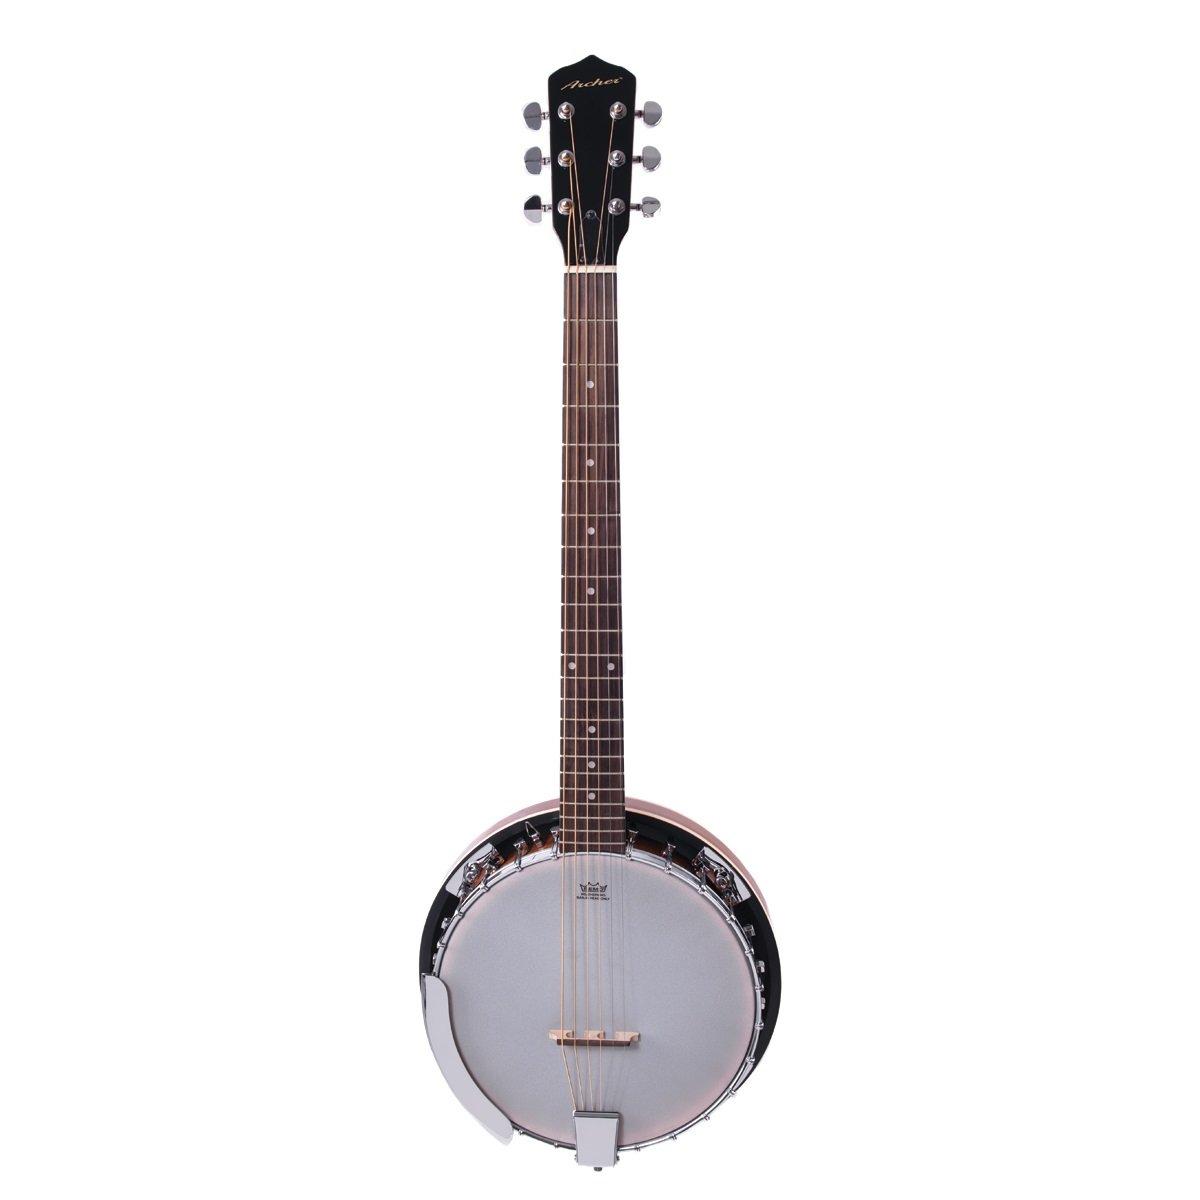 Archer BJ006 6-String Telluride Banjo